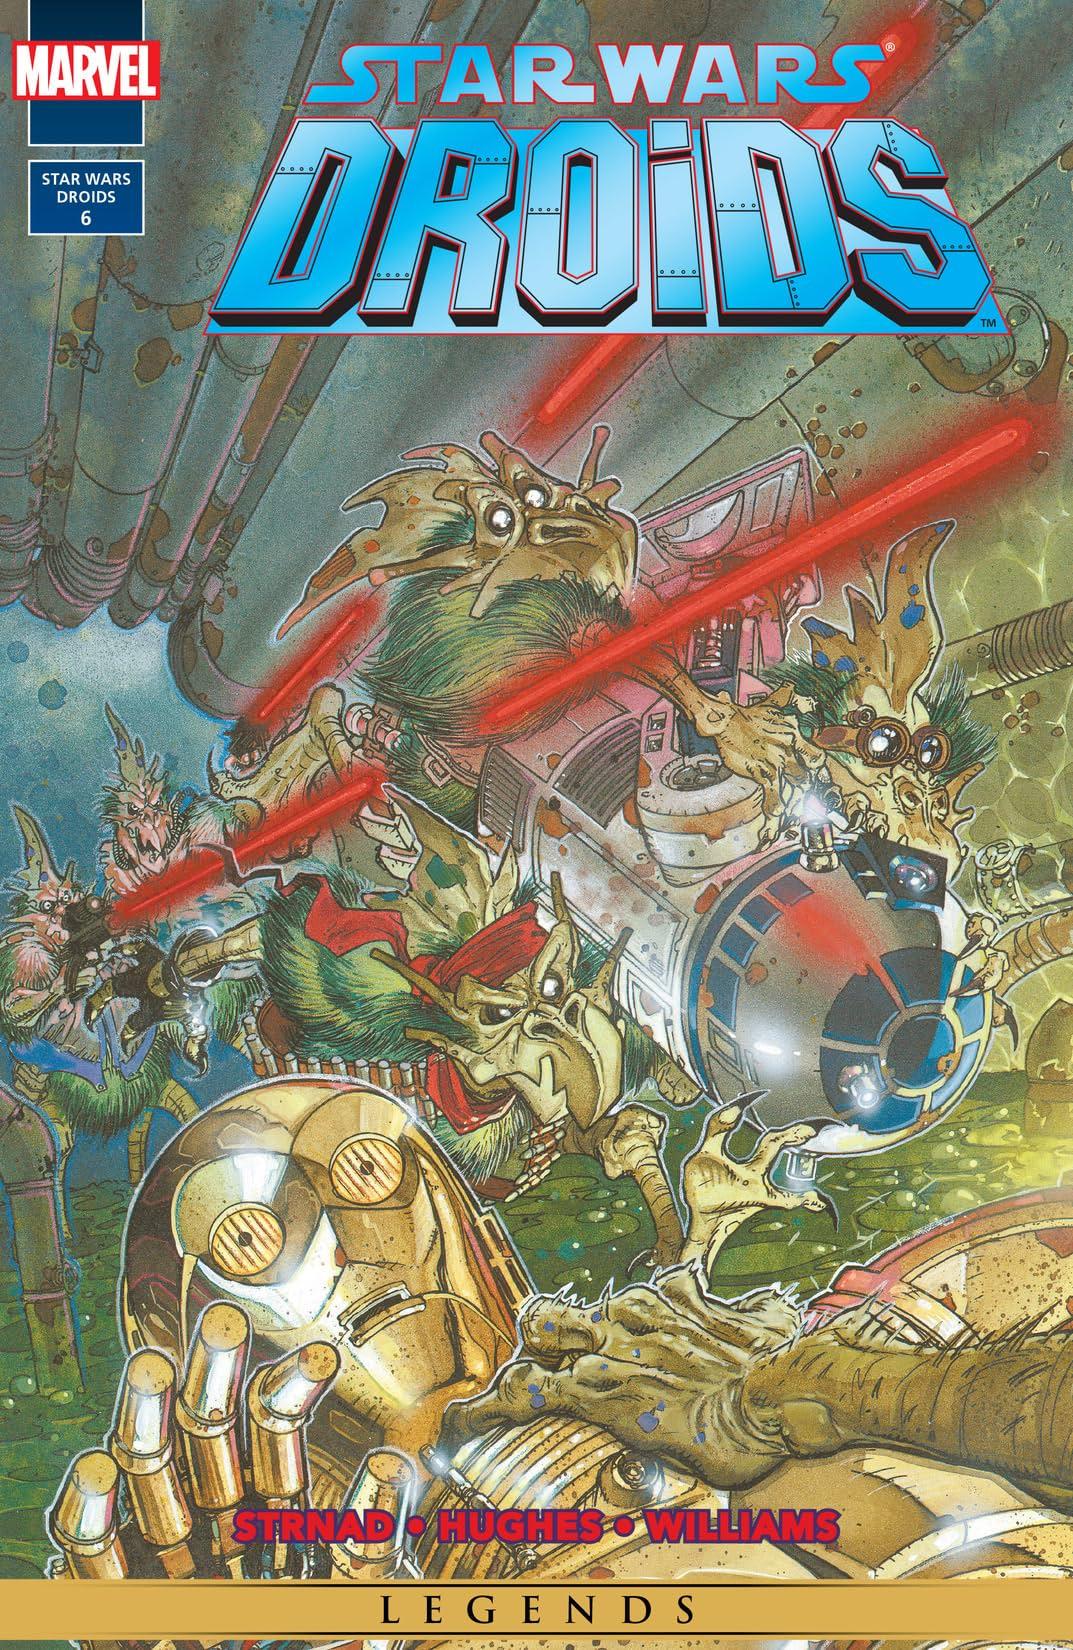 Star Wars: Droids (1995) #6